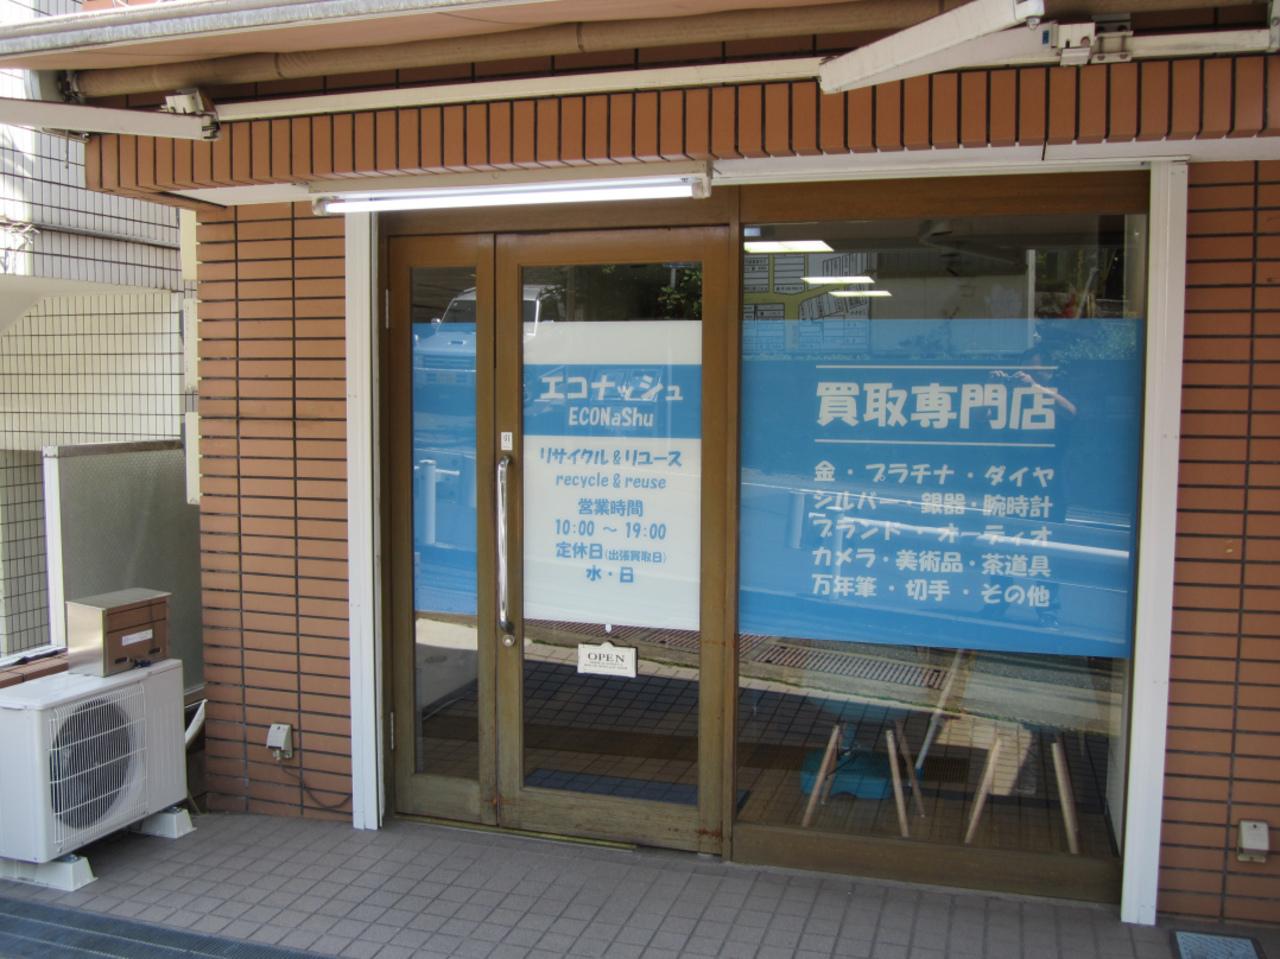 14135買取専門店 エコナッシュ 生田店